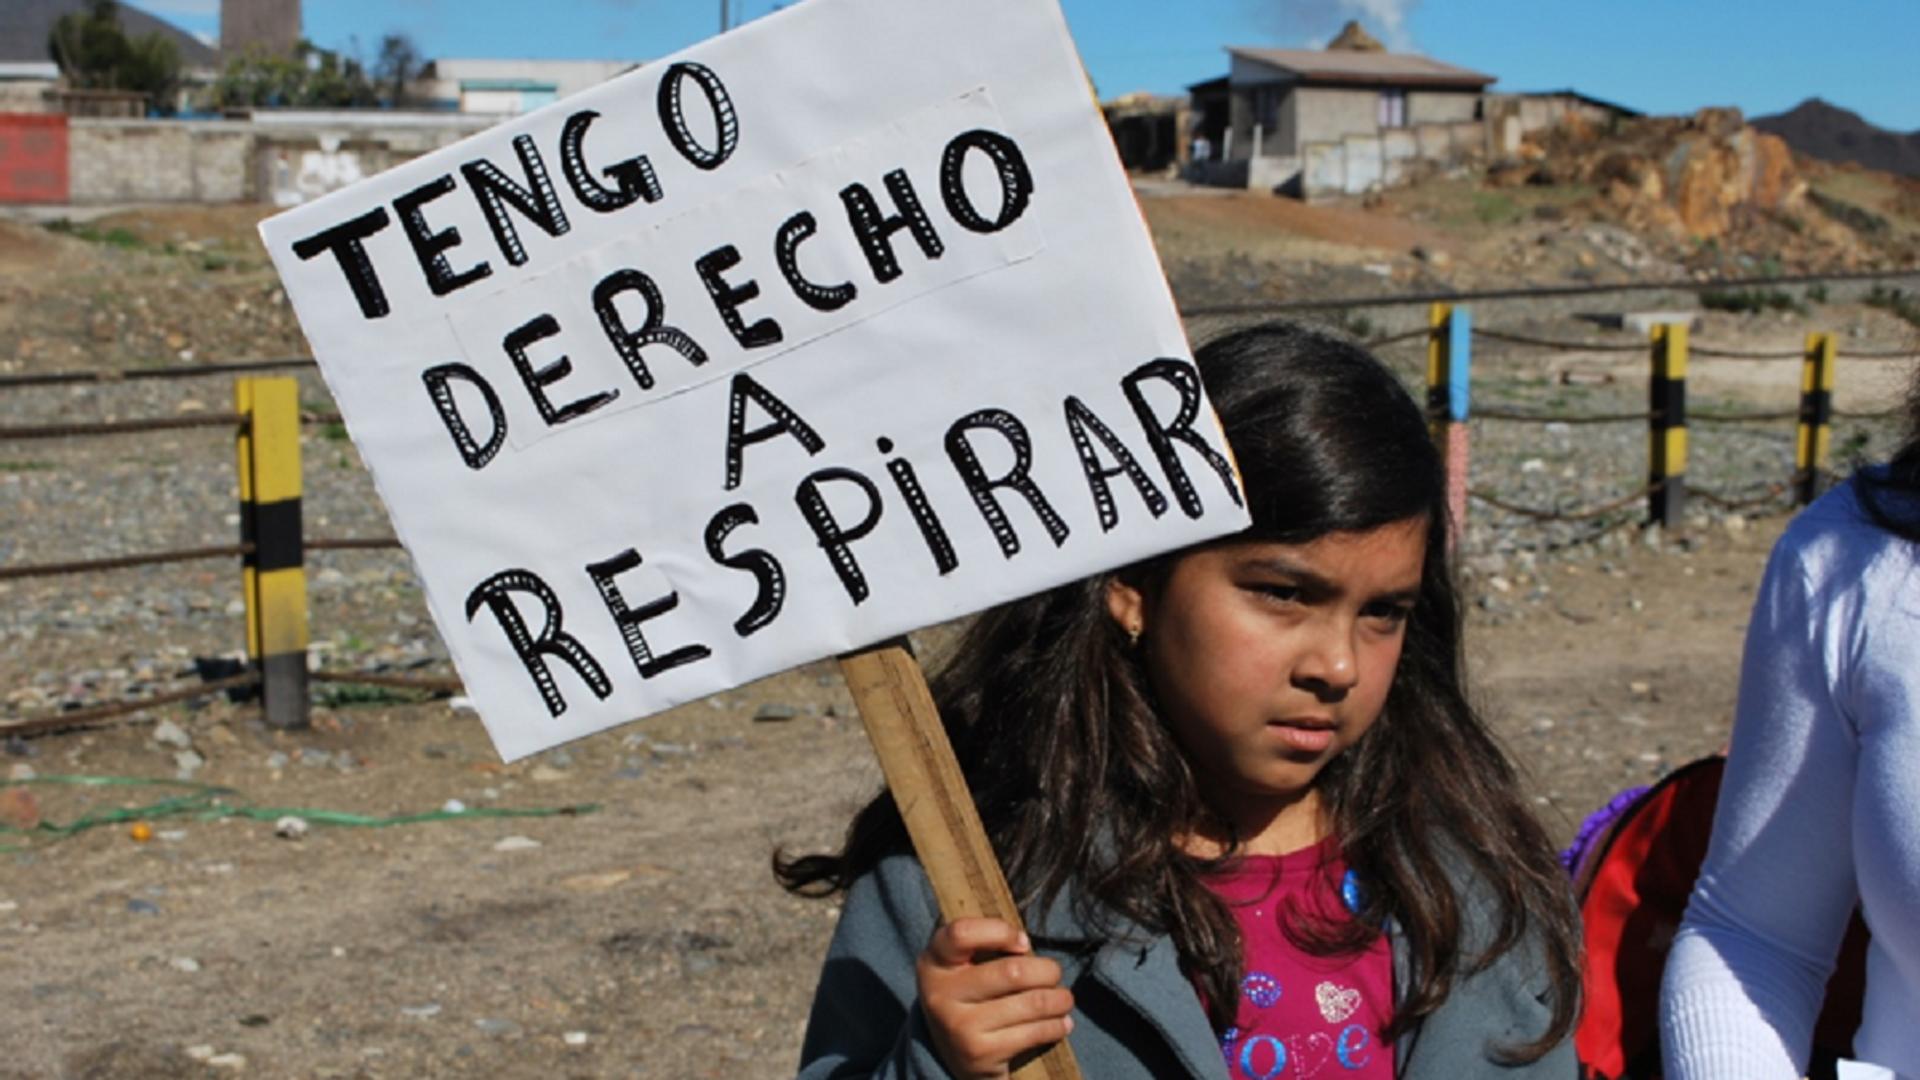 En la bahía de Huasco hay contaminación permanente con material particulado y gases quimiotóxicos - Sputnik Mundo, 1920, 22.04.2021